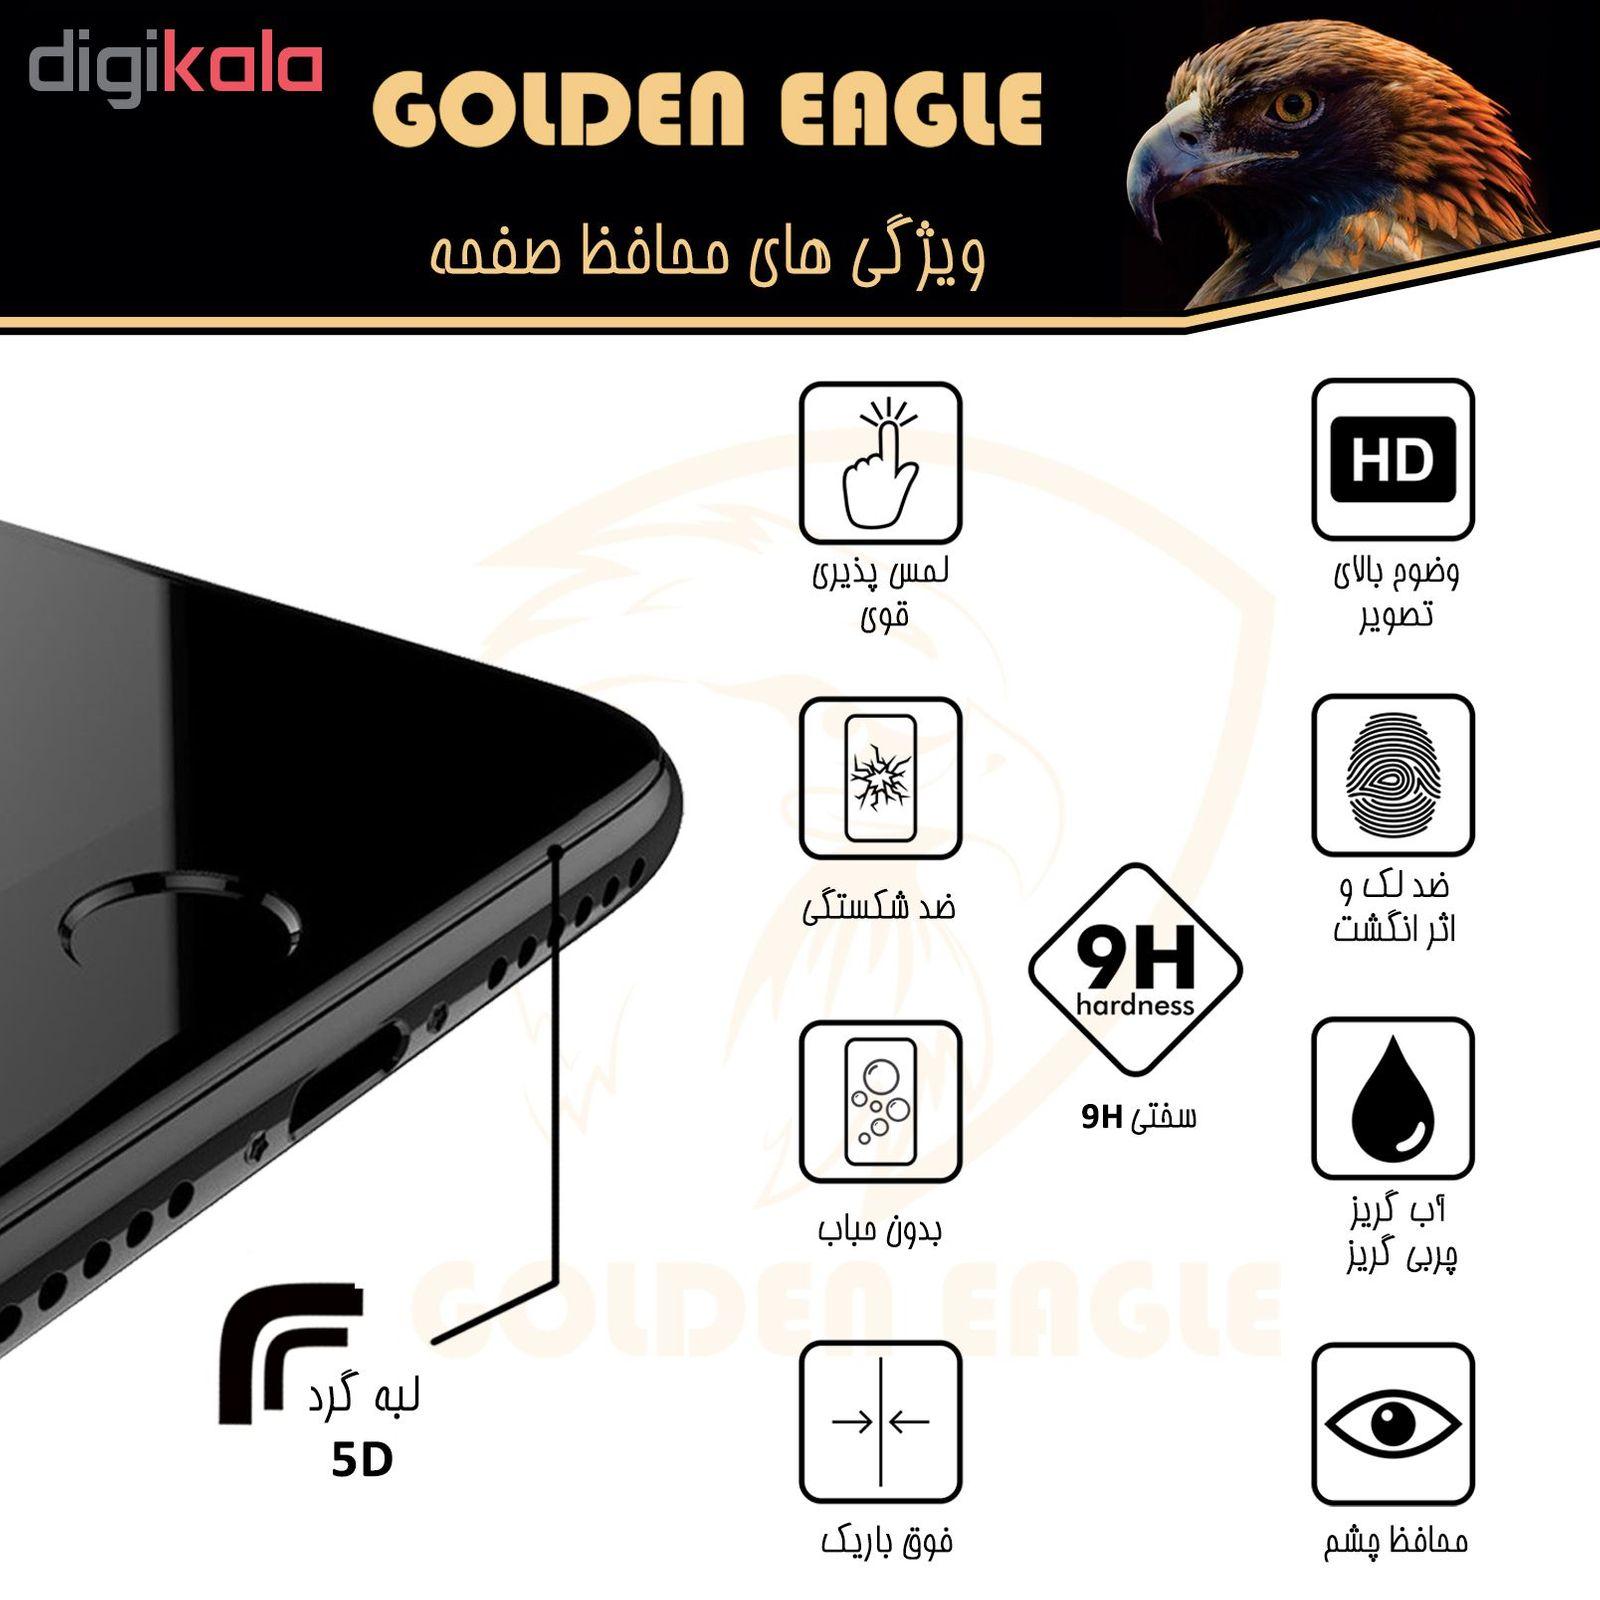 محافظ صفحه نمایش گلدن ایگل مدل DFC-X3 مناسب برای گوشی موبایل سامسونگ Galaxy A5 2017 بسته سه عددی main 1 4